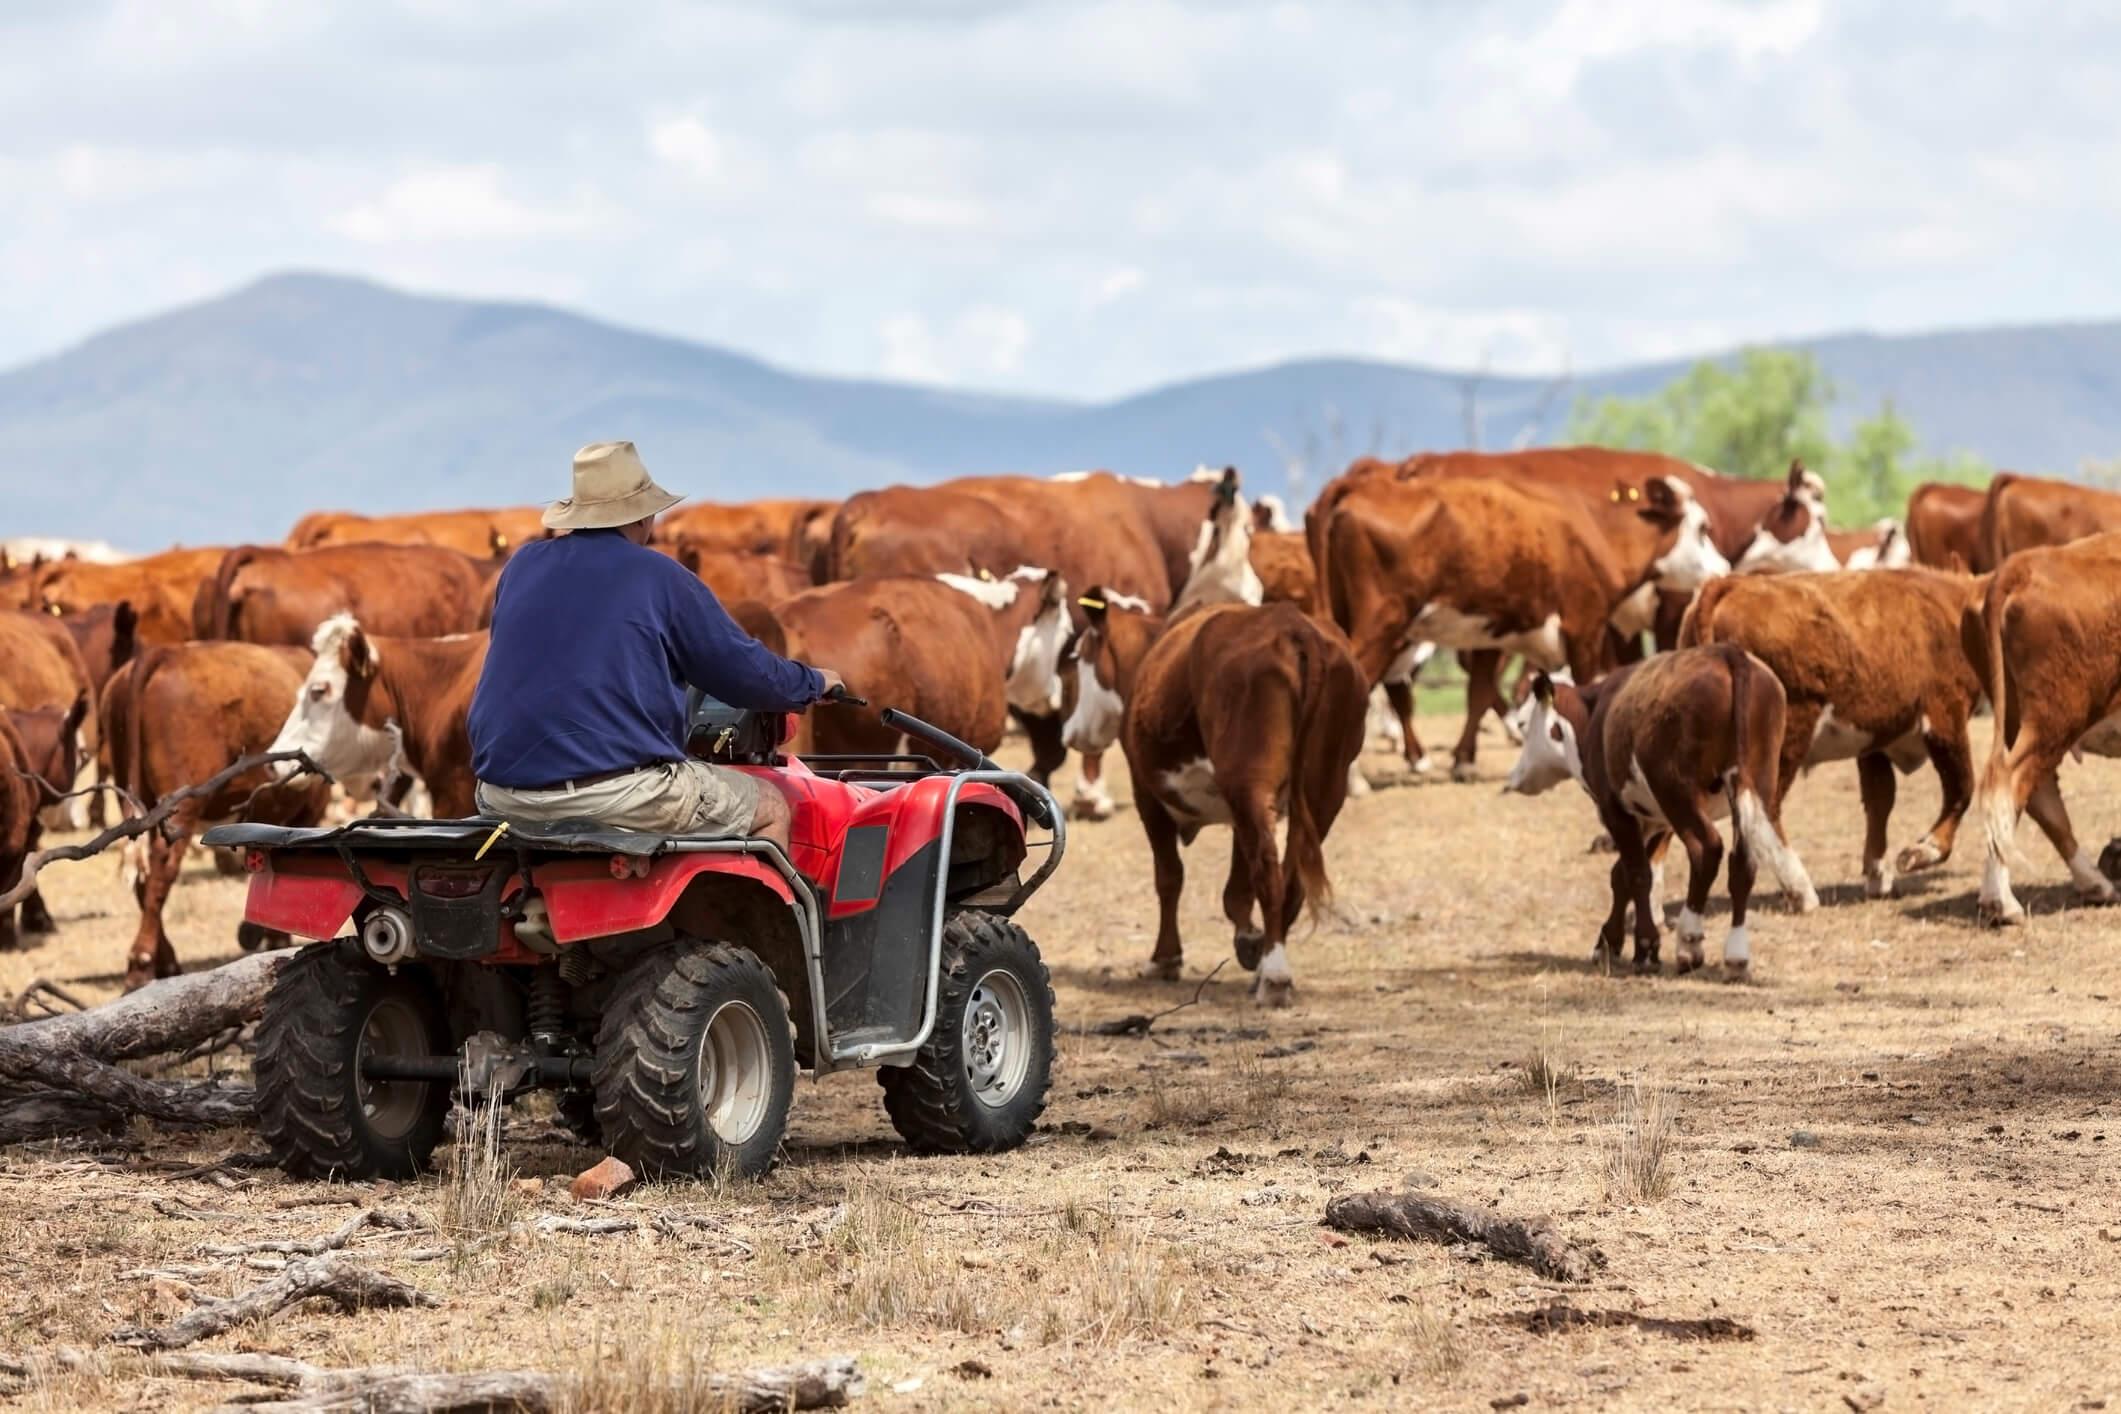 Současný honák dobytka v Austrálii už nezahání stádo do ohrady na koni, ale na čtyřkolce. Zdroj: iStockphoto